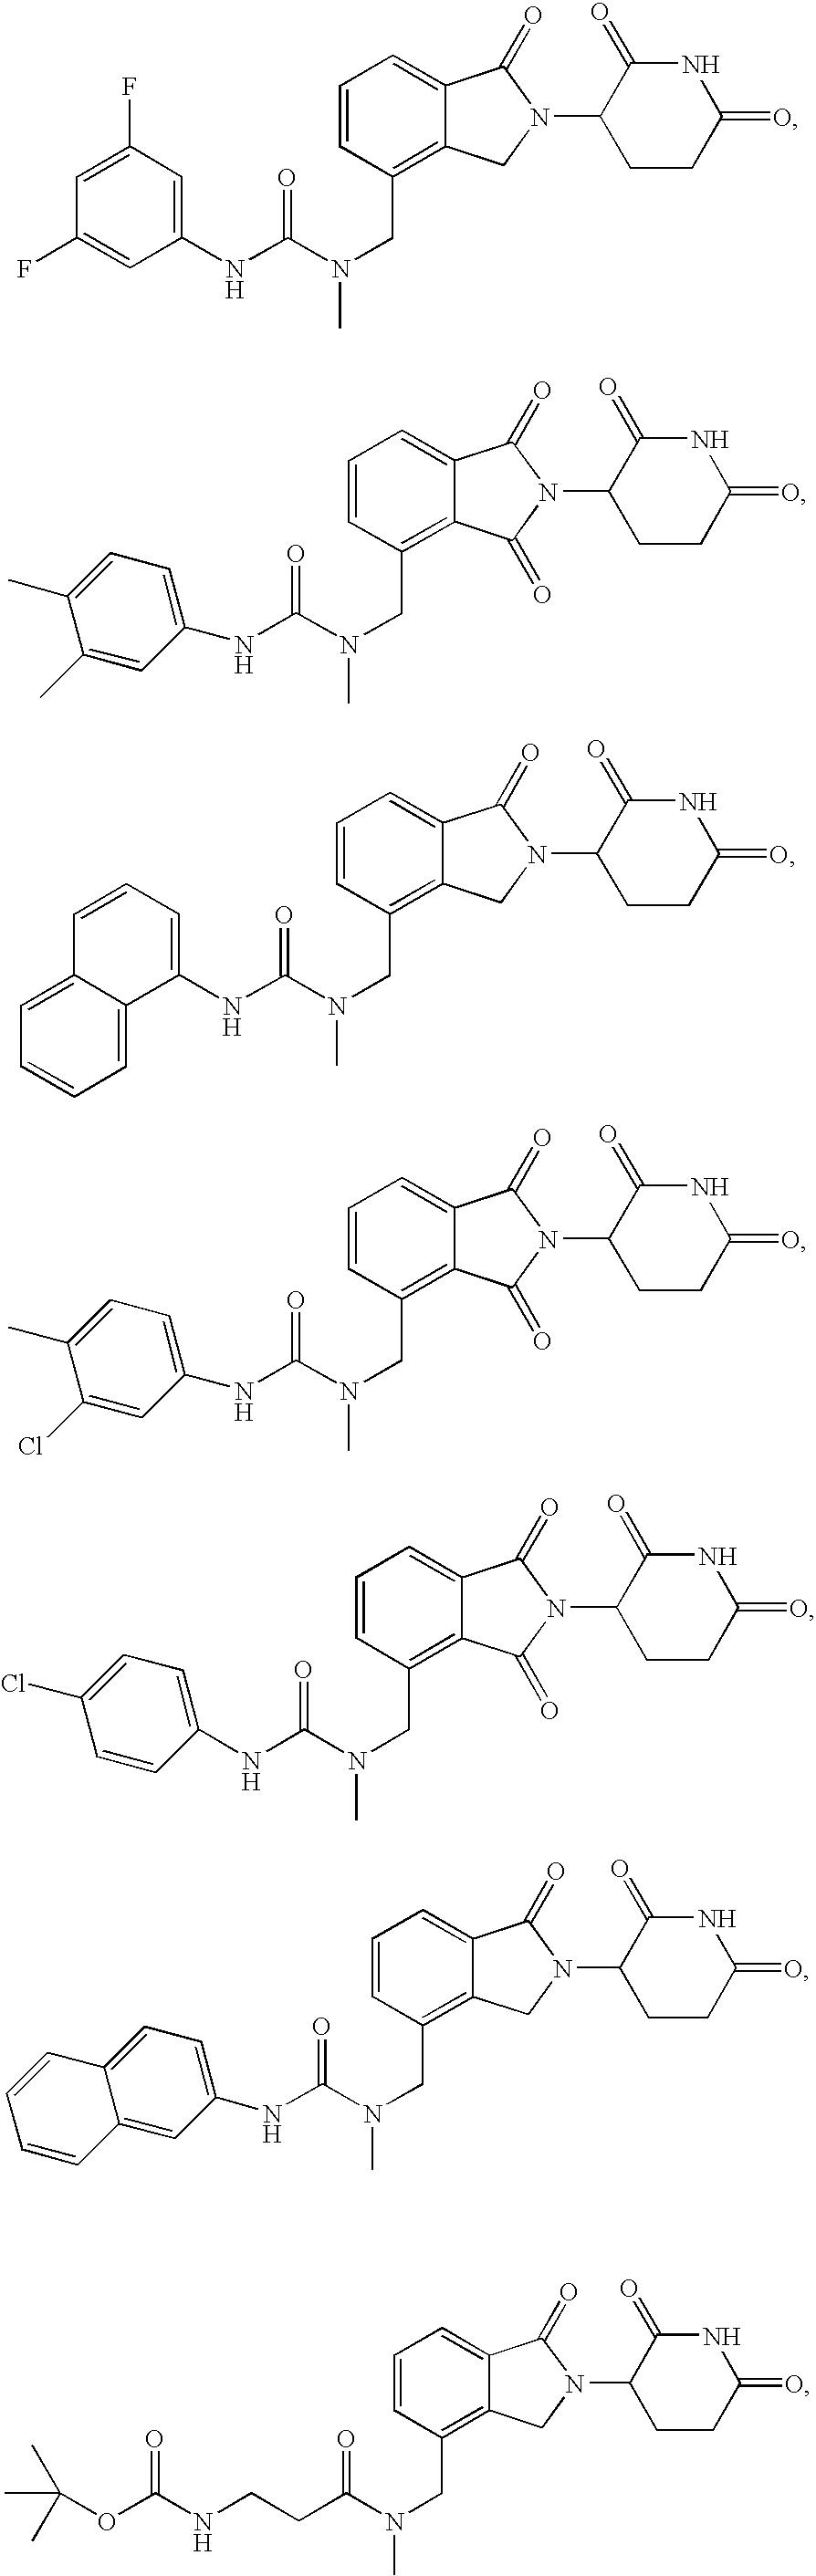 Figure US20080214615A1-20080904-C00079